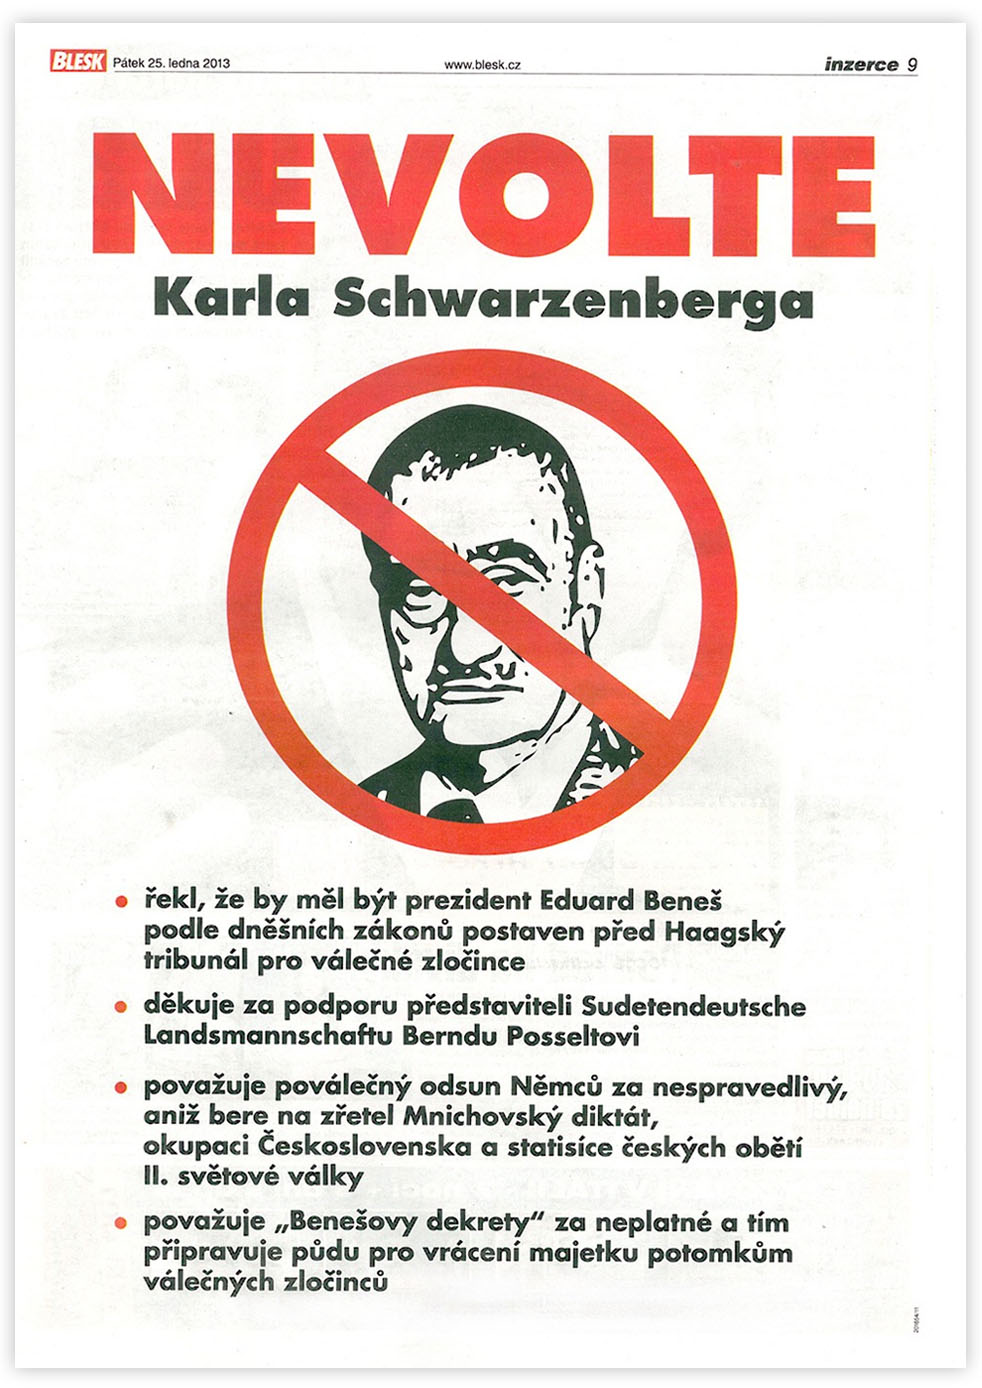 Nevolte Karla Schwarzenberga - negativní reklama